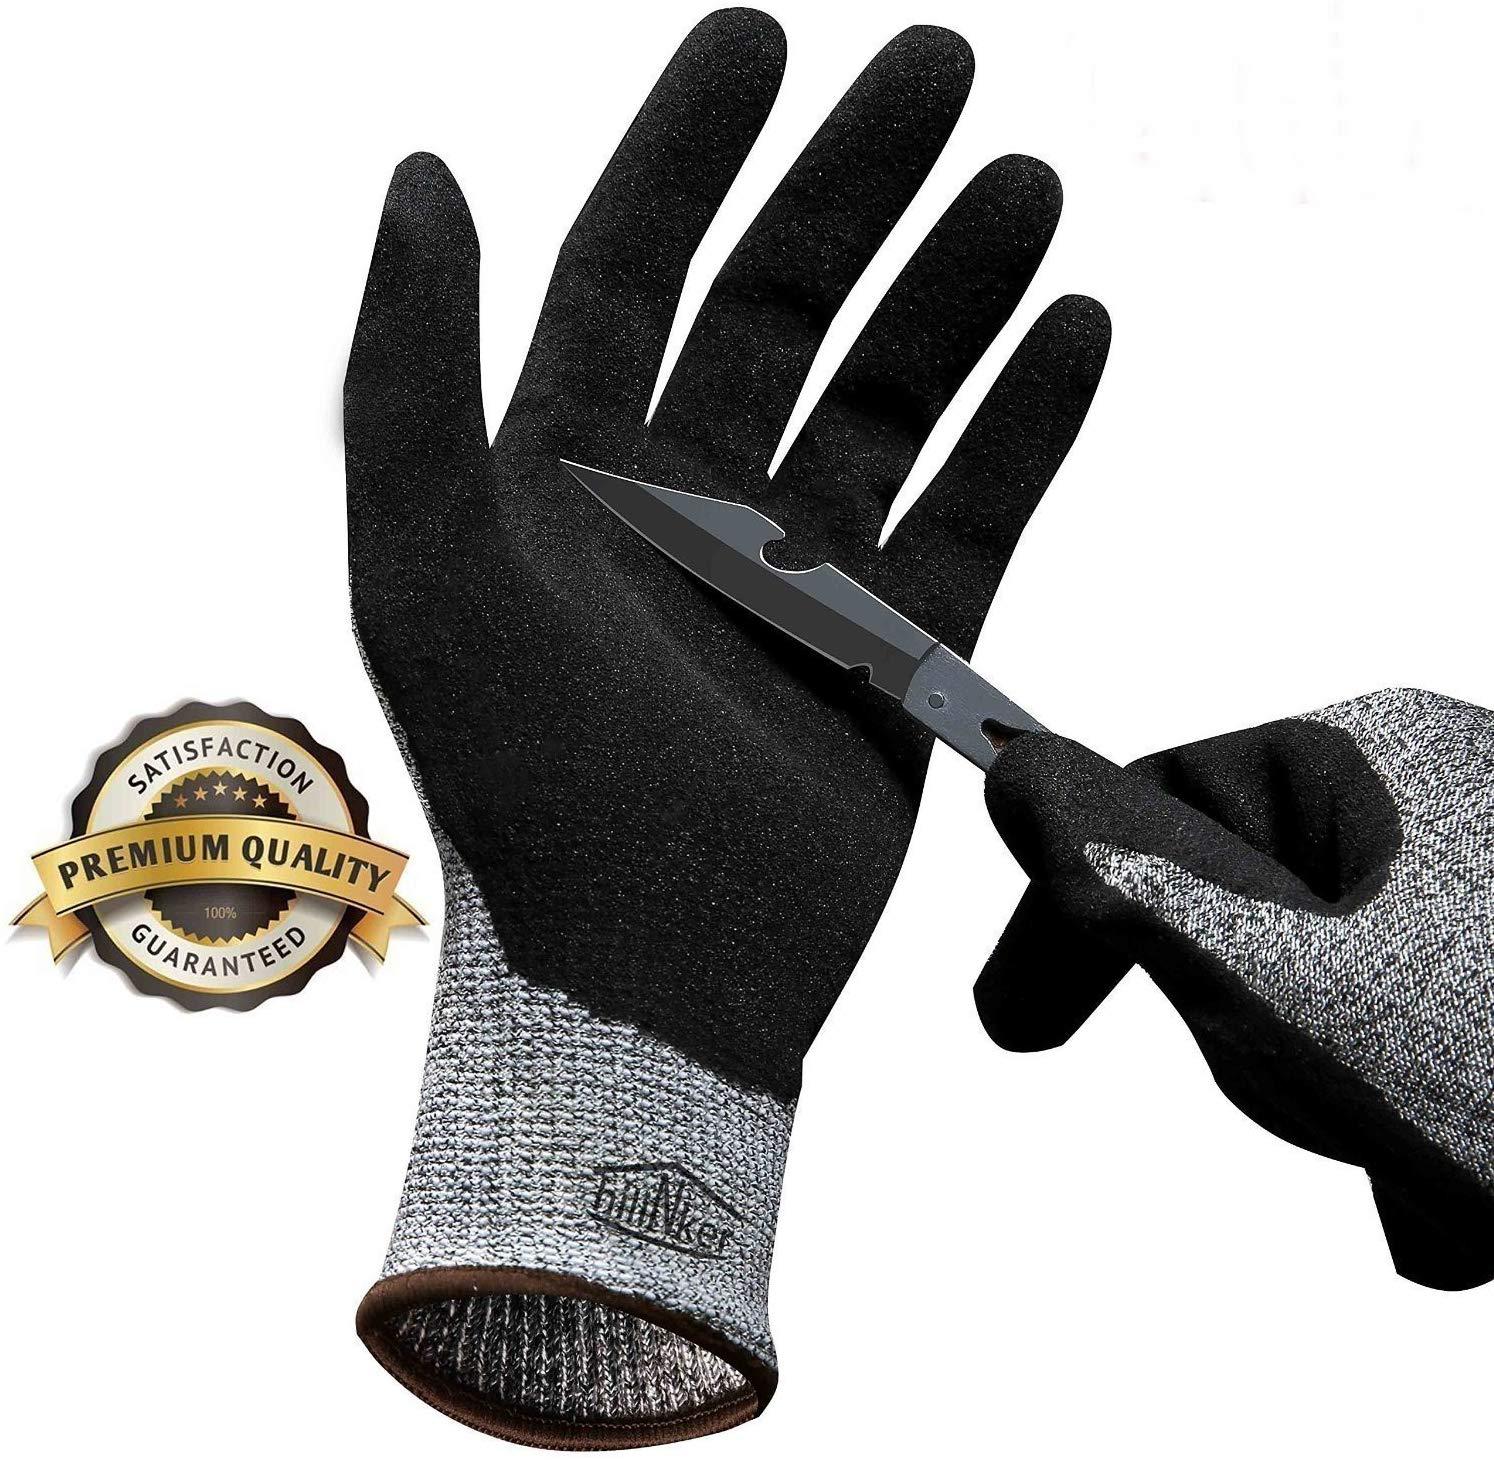 Hilinker cut resistant gloves